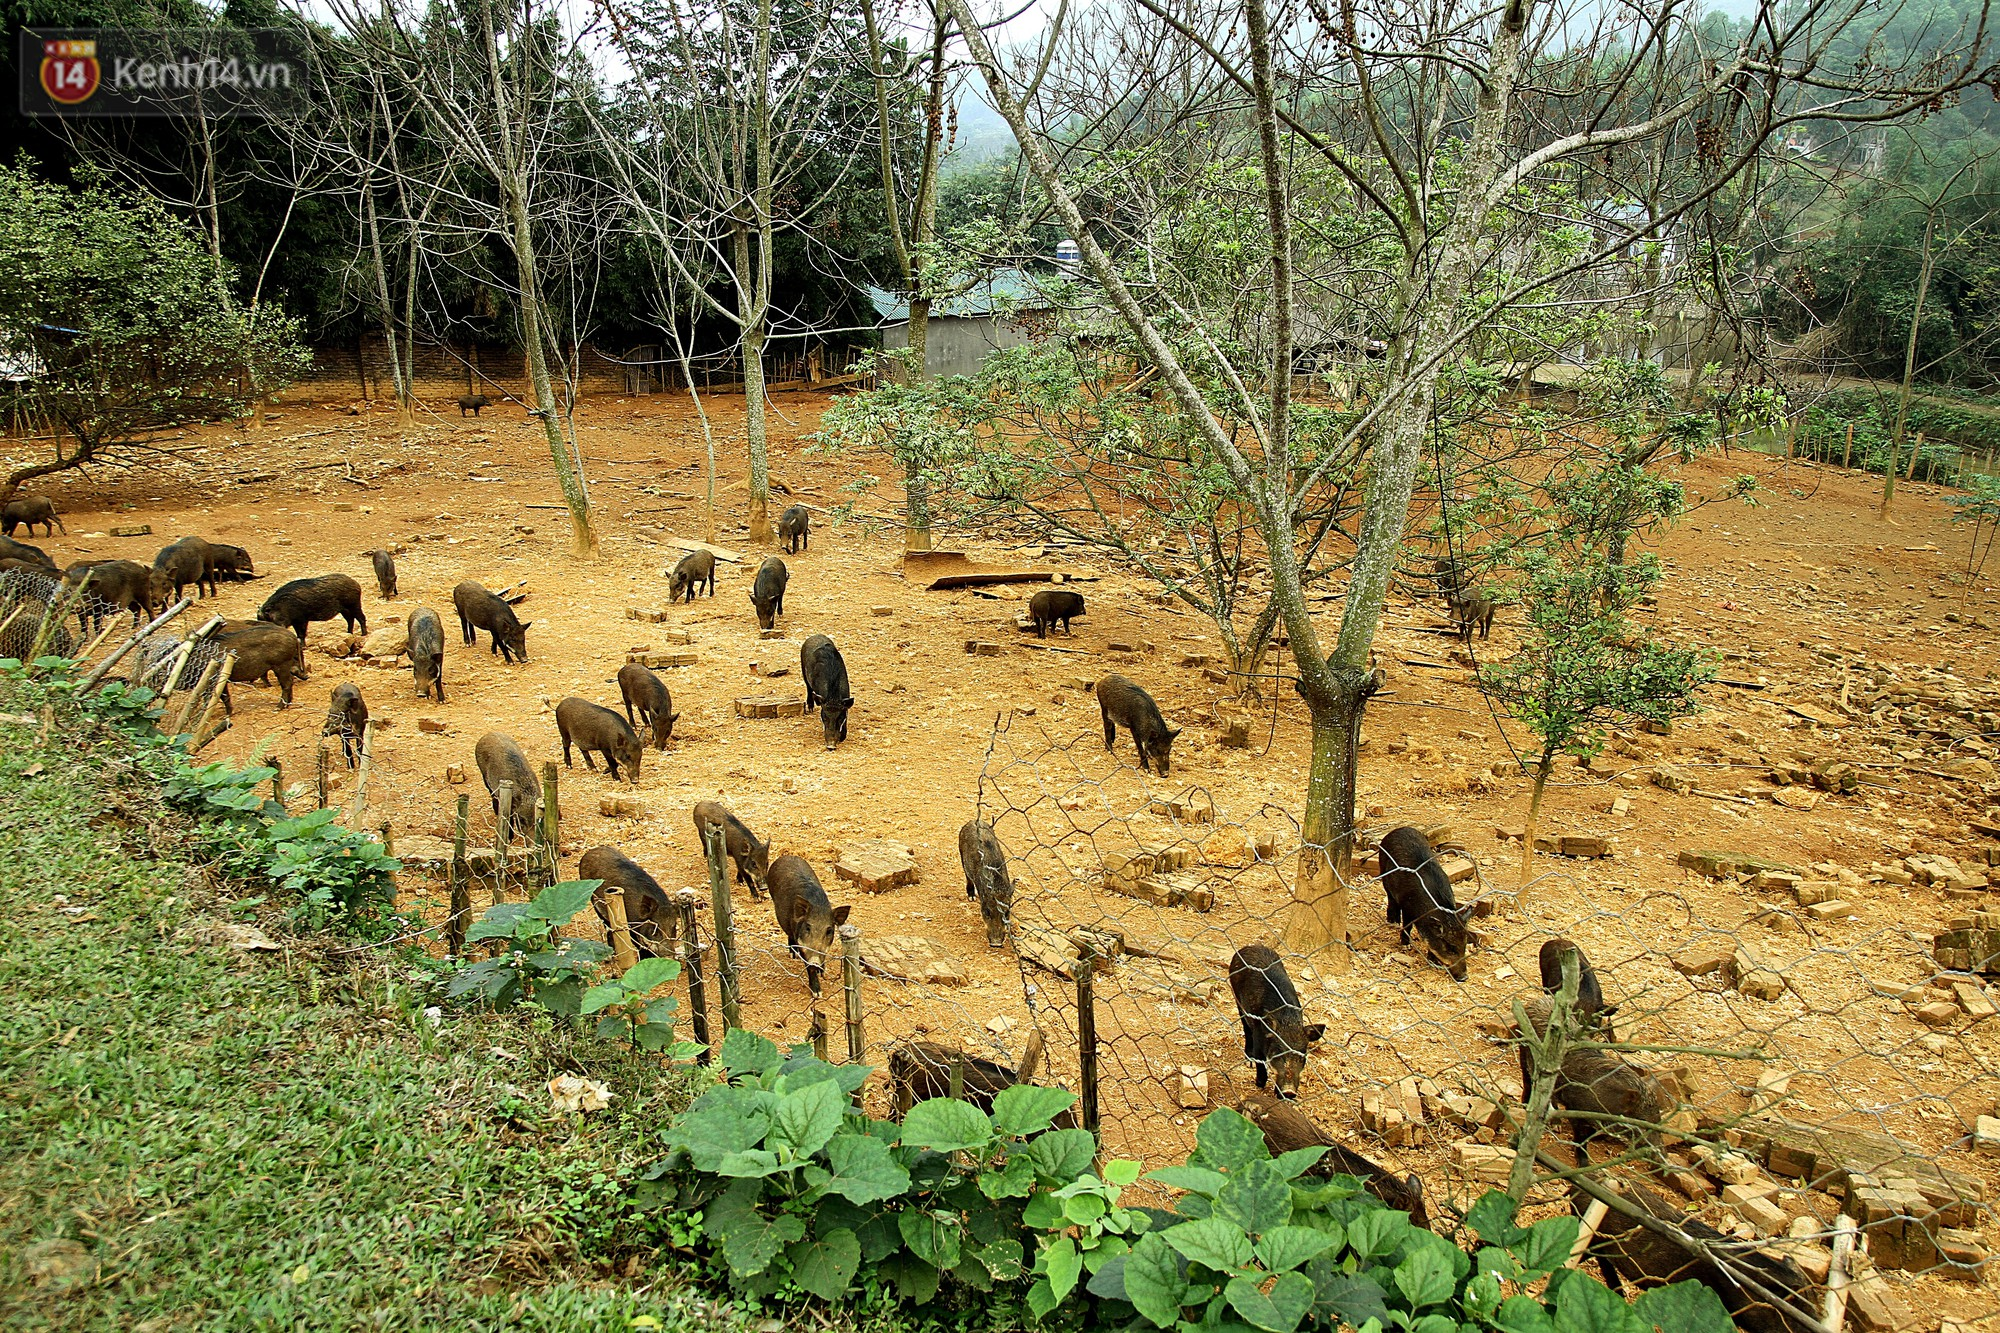 Trang trại nuôi lợn rừng rộng 2000 m2 của Tùng.